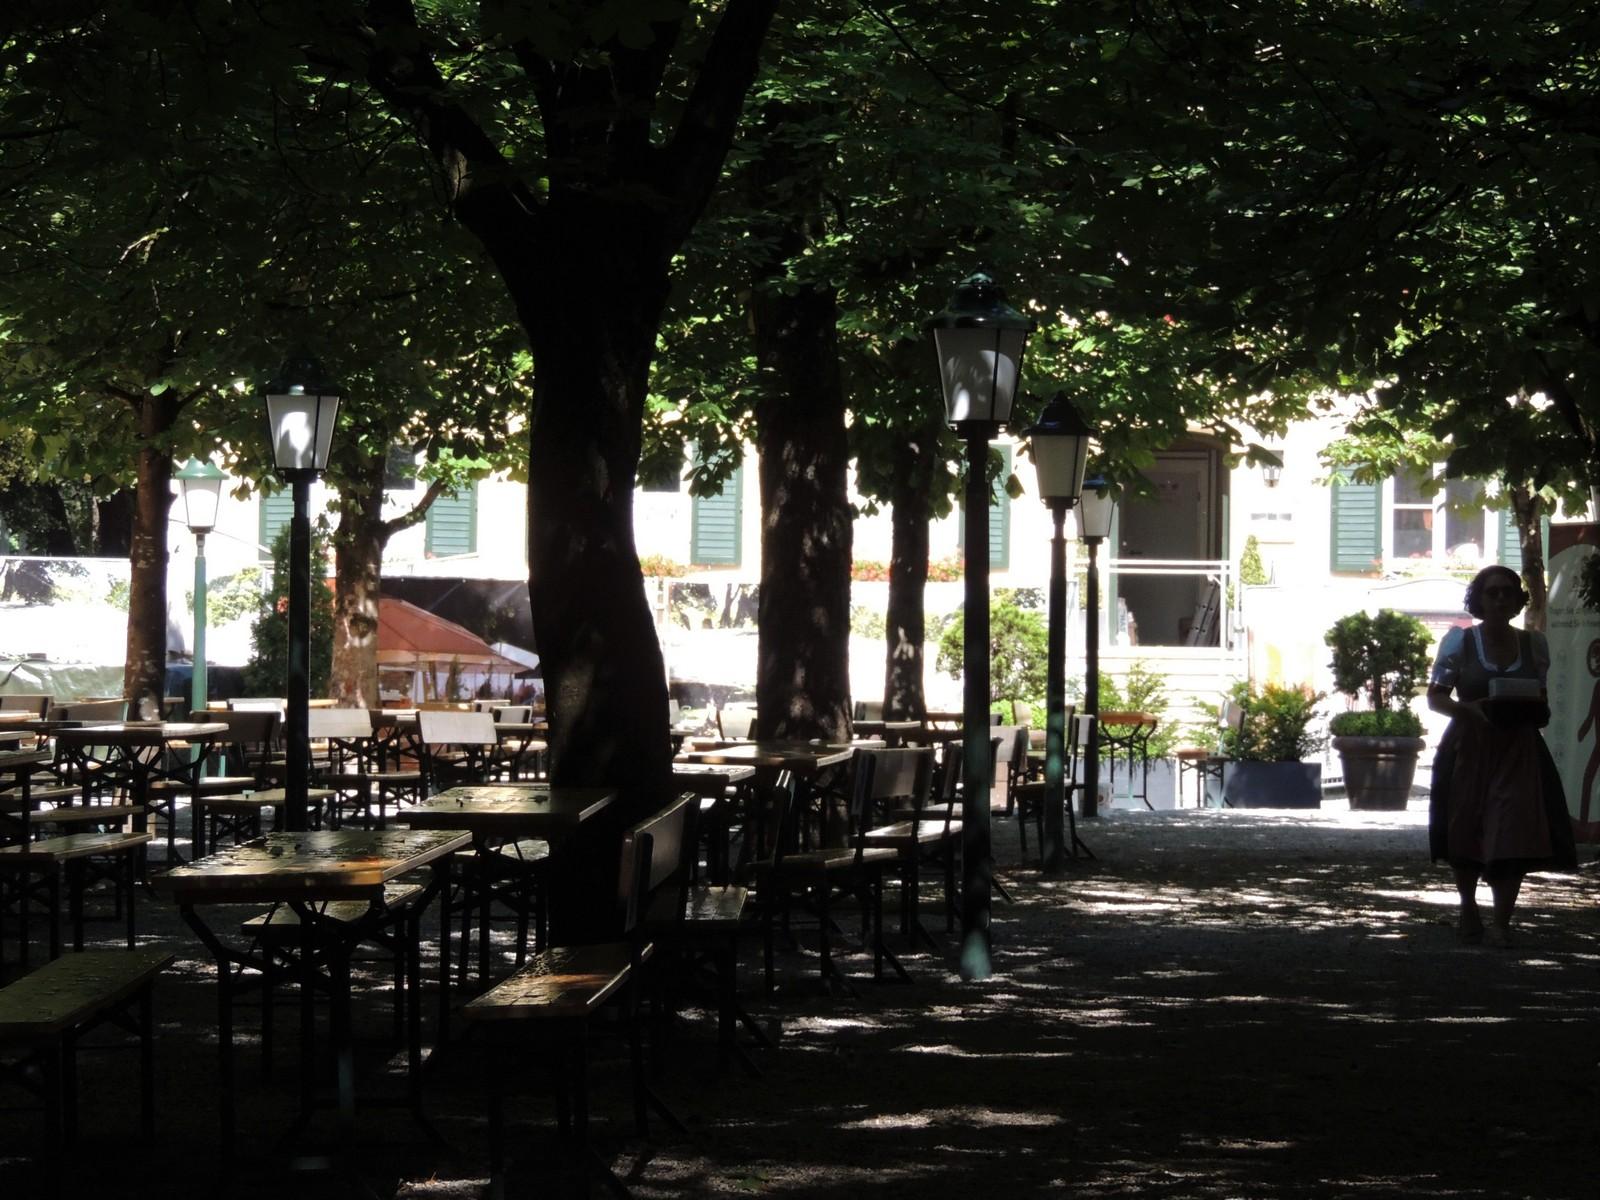 Der Englische Garten - Biergarten am Aumeister